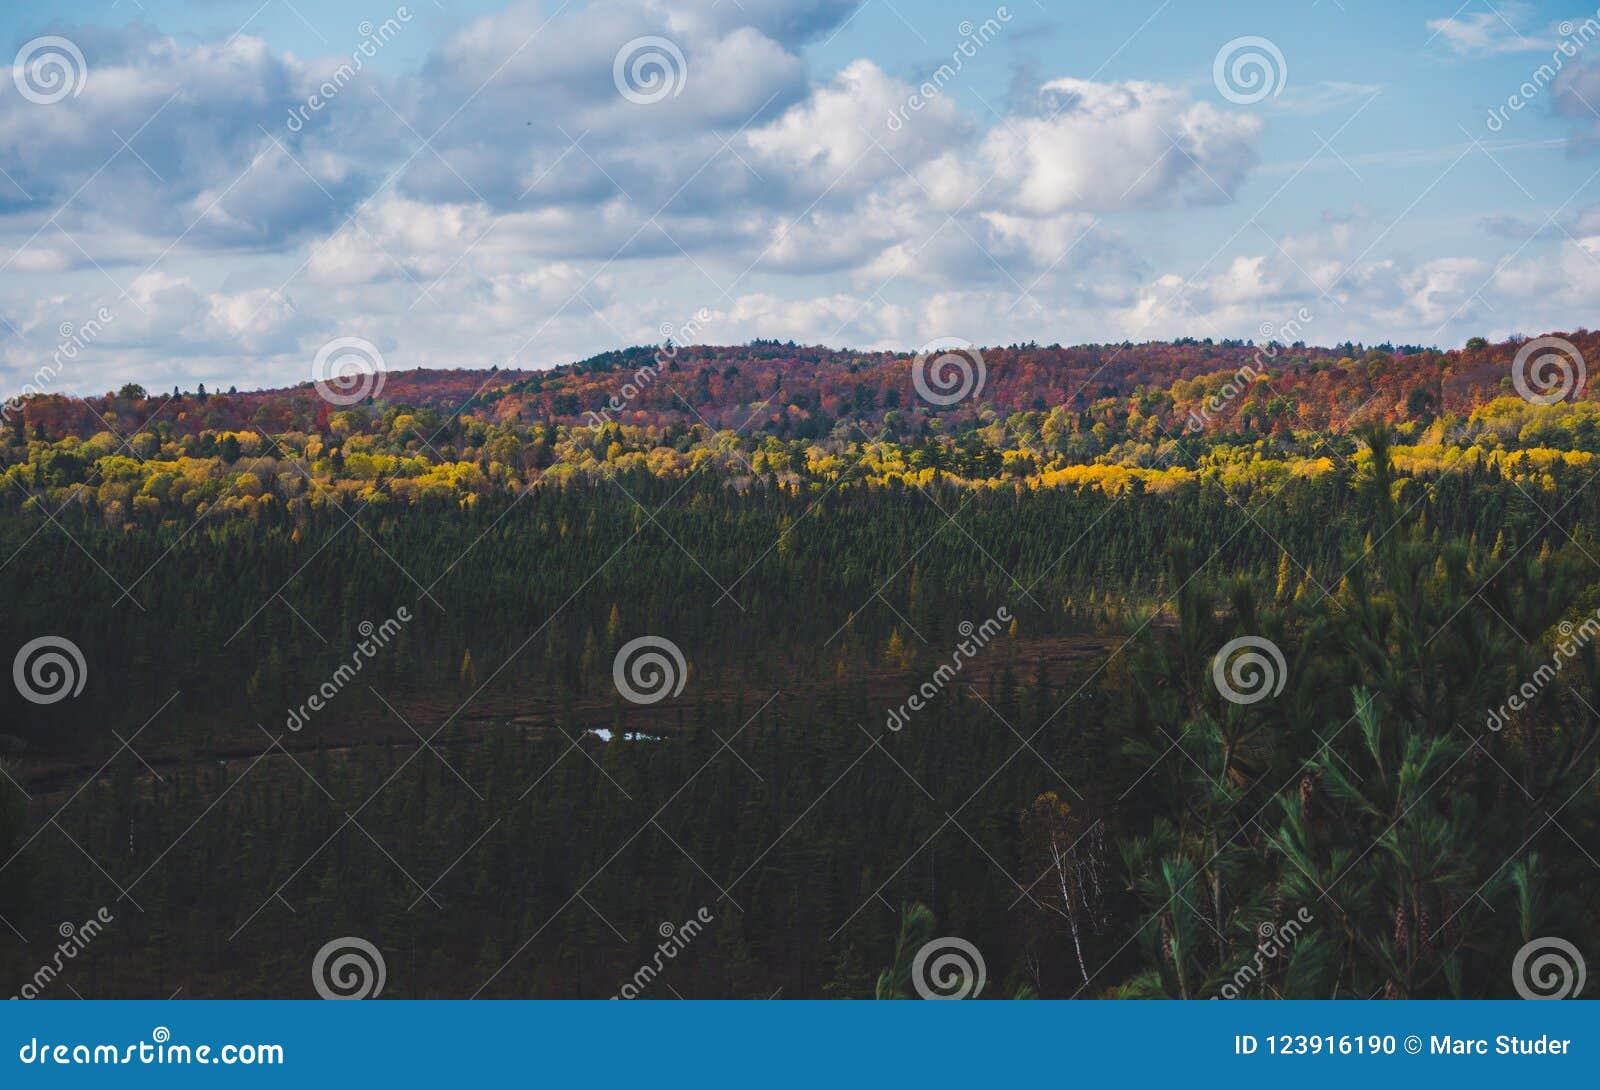 Όμορφη άποψη πέρα από το χαρακτηριστικό καναδικό τοπίο επαρχίας με το ζωηρόχρωμο δάσος φθινοπώρου Algonquin στο πάρκο, Καναδάς